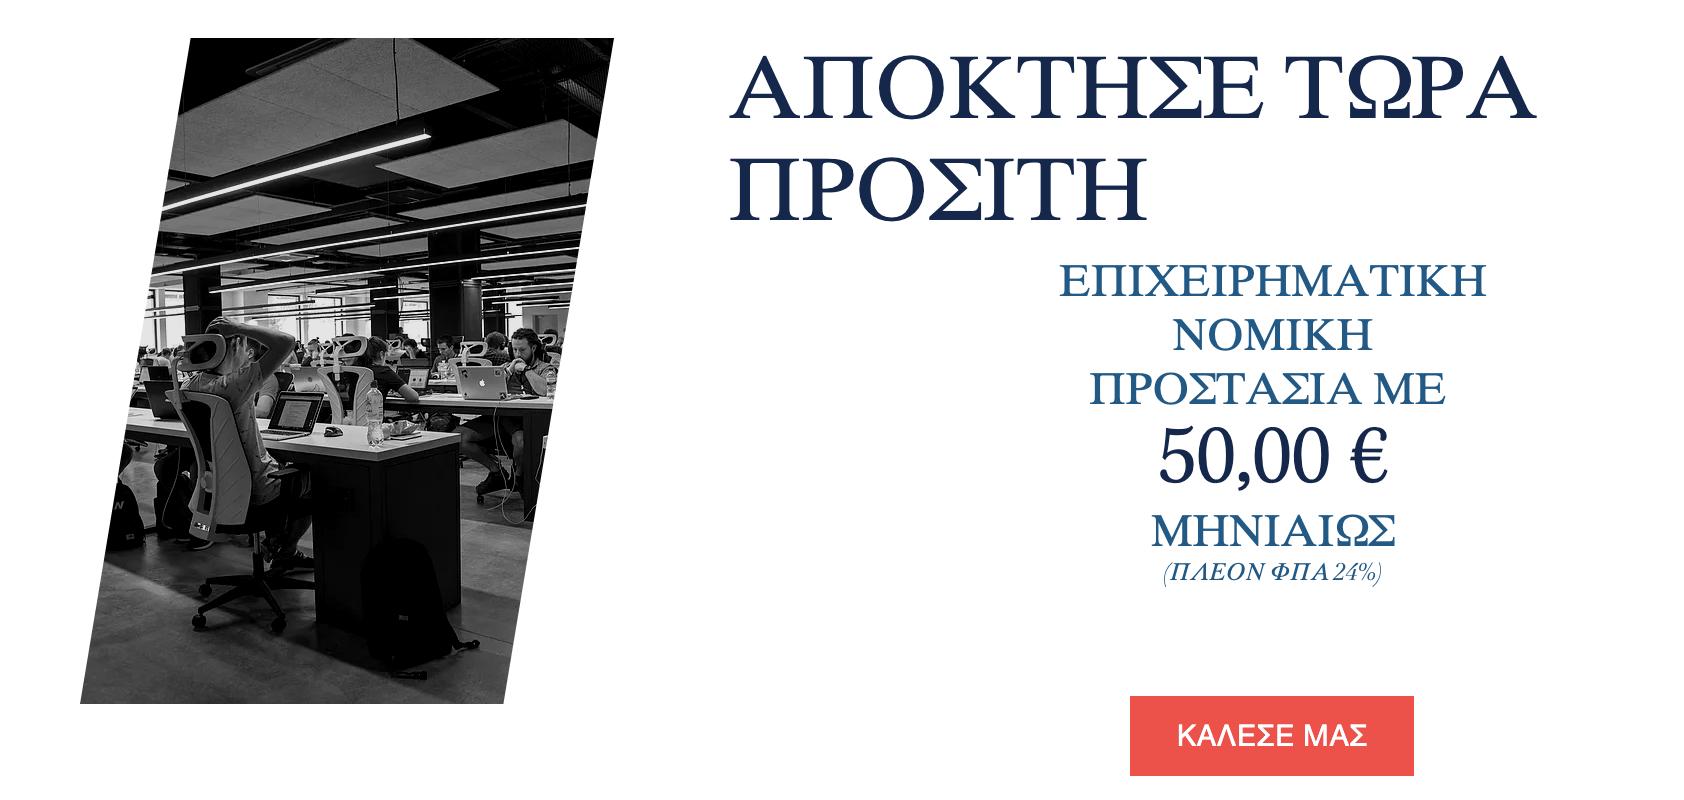 Δικηγόρος, Αθήνα